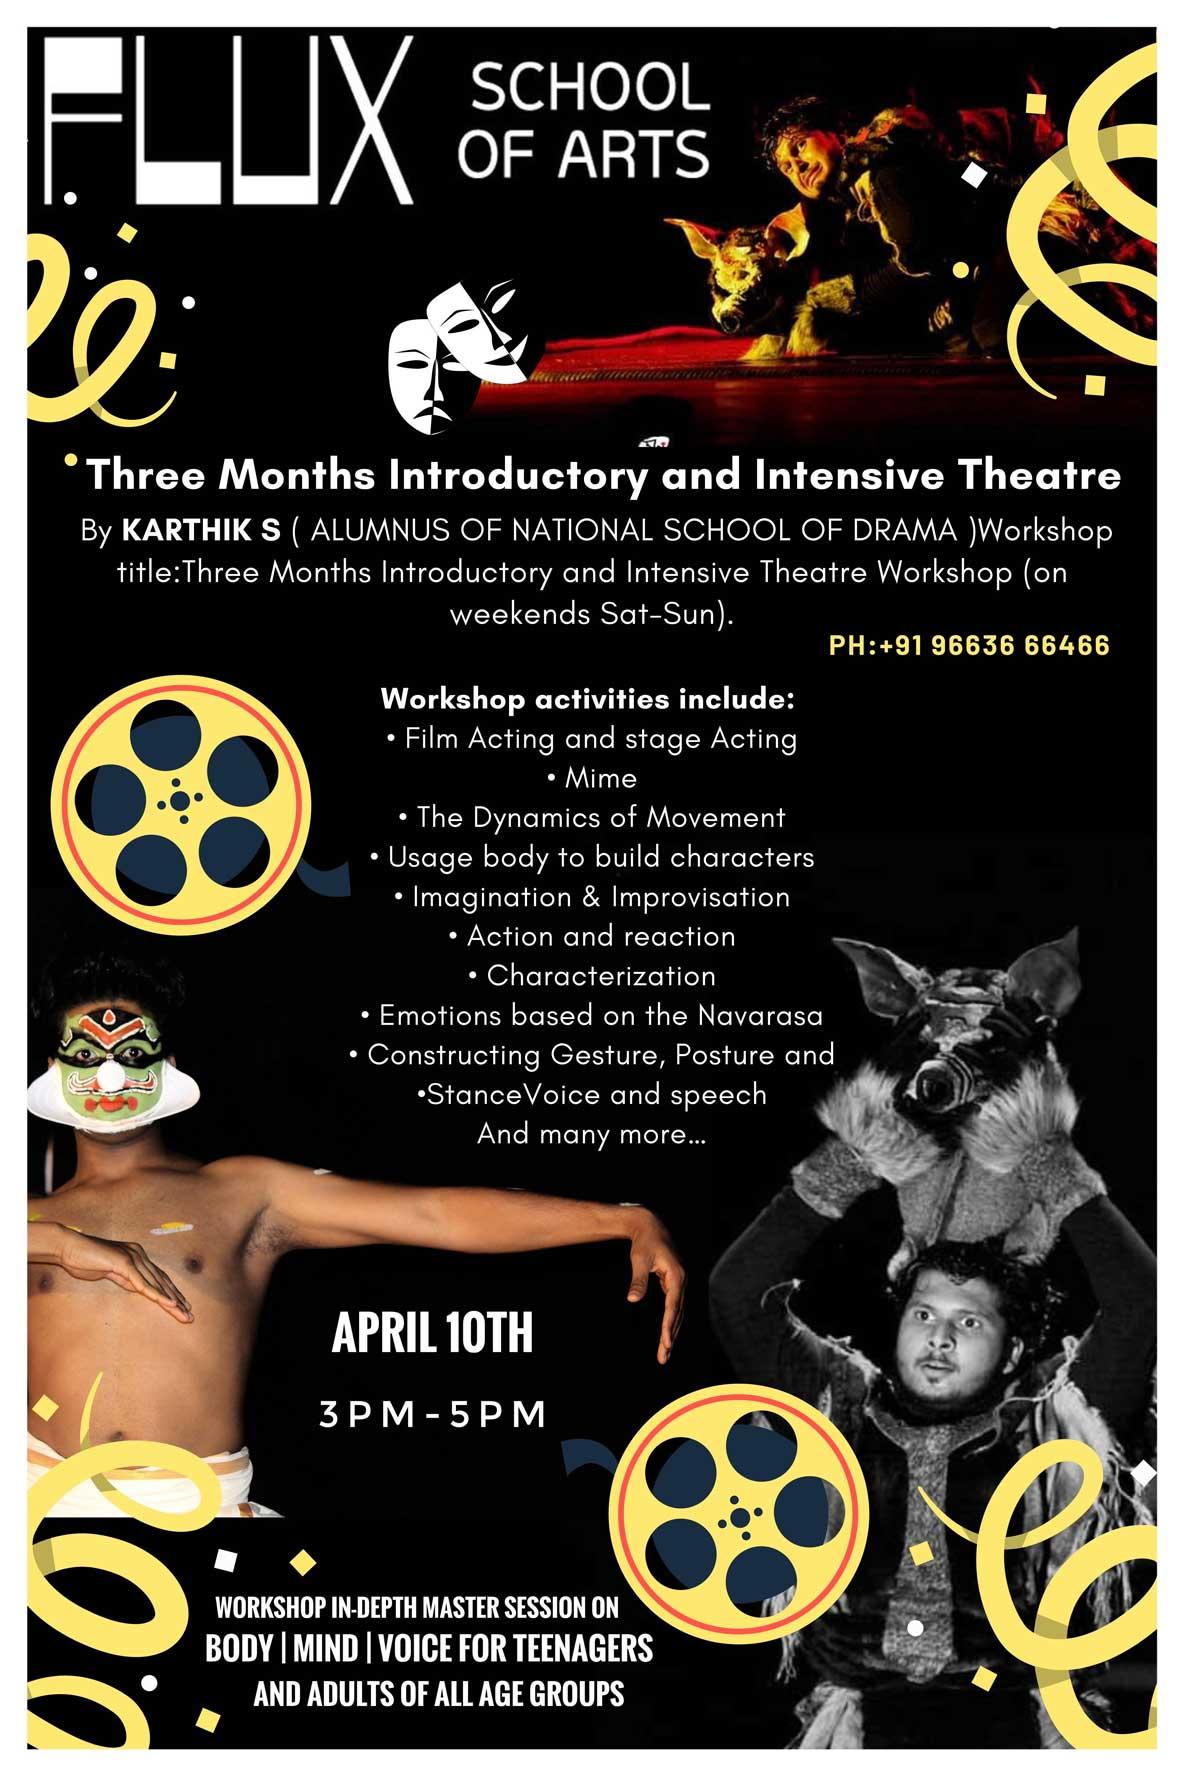 Theatre Workshop in Bangalore Indiranagar at FLUX